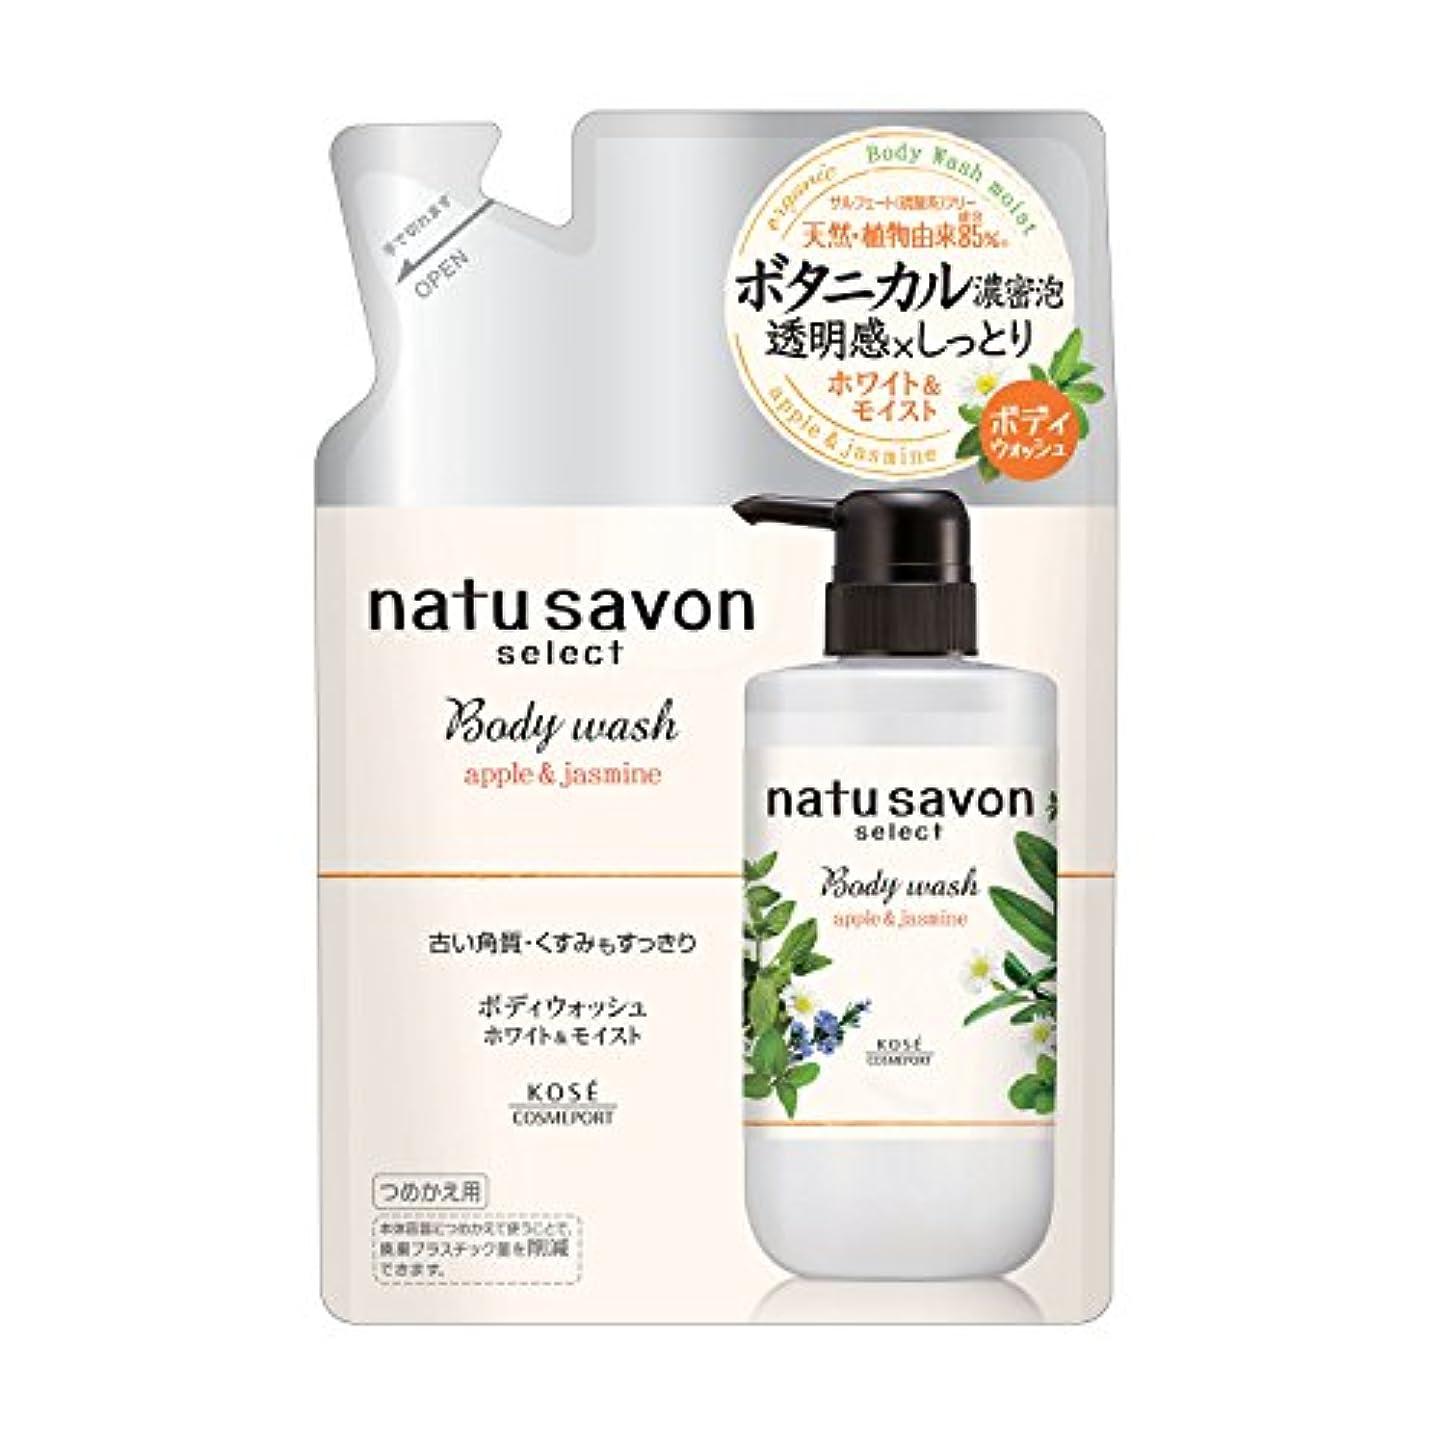 窒素多様性クスクスKOSE ソフティモ ナチュサボン セレクト ホワイト ボディウォッシュ モイスト つめかえ